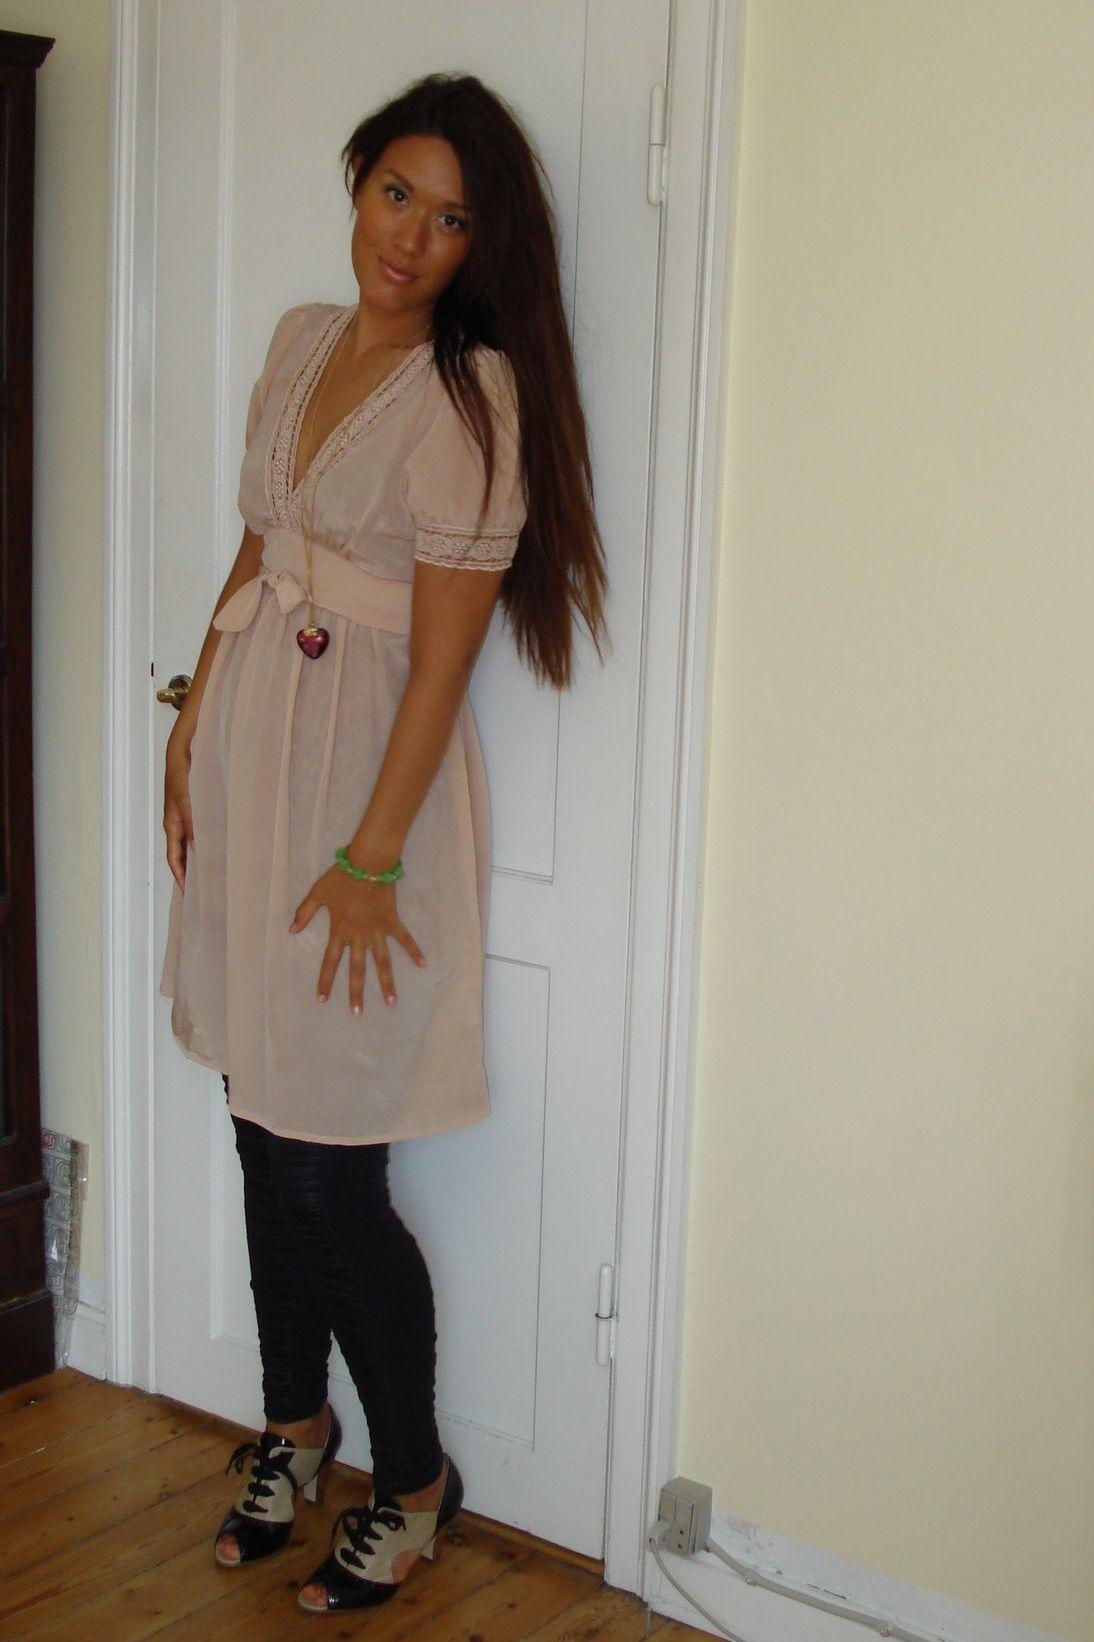 Pudder farvet kjole: Saint Tropez